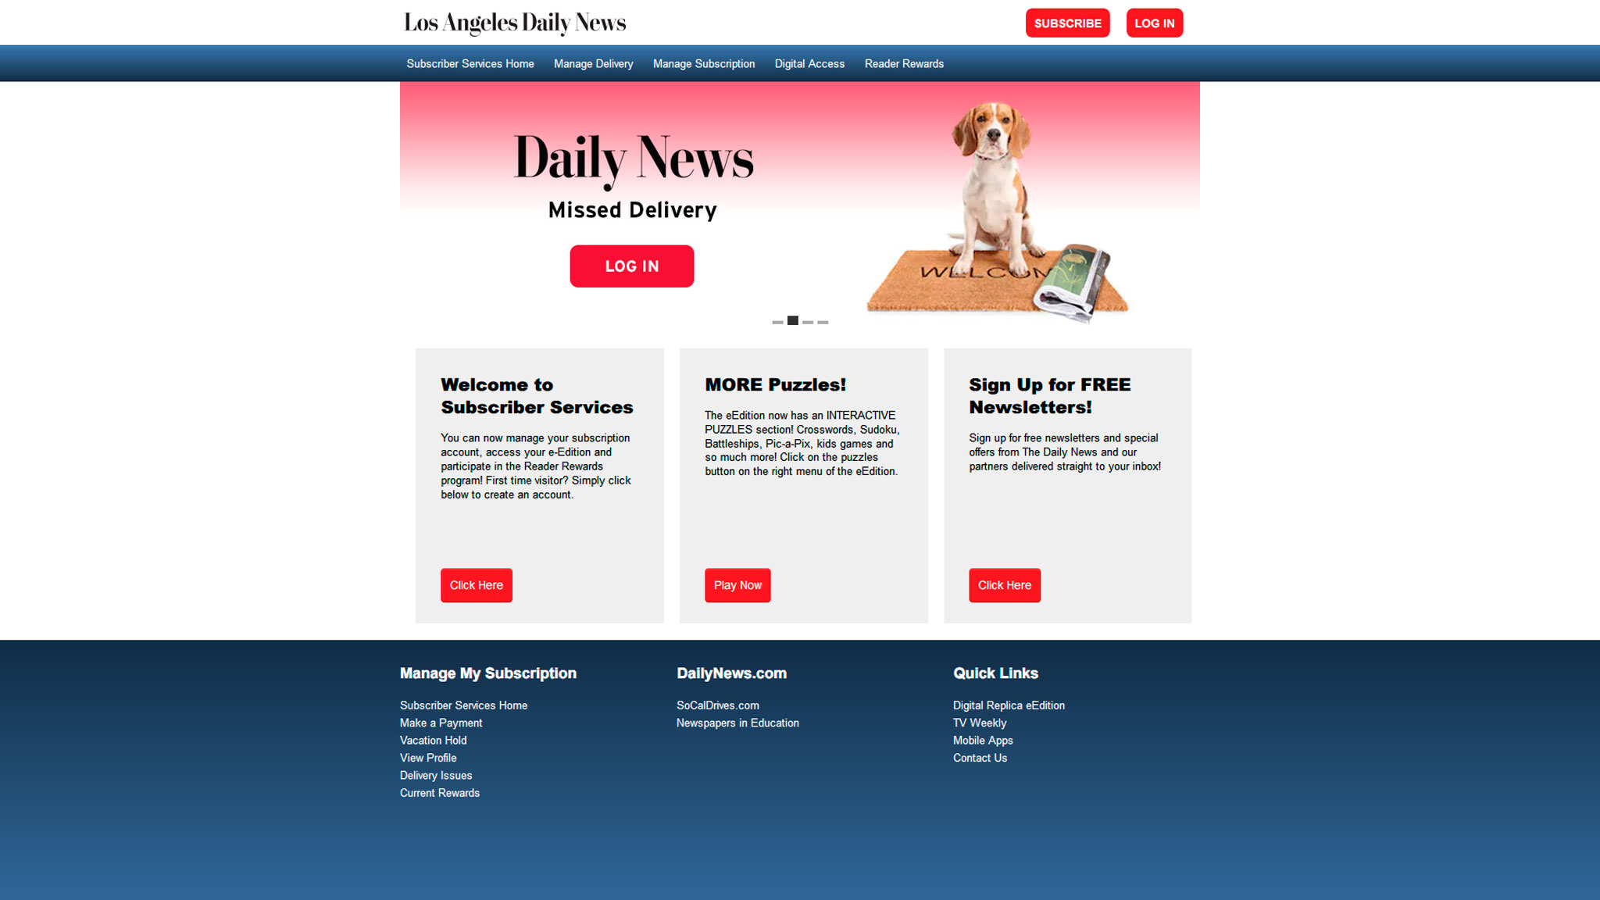 Читатели изданий MediaNews Group могут легко управлять подписками из своих аккаунтов